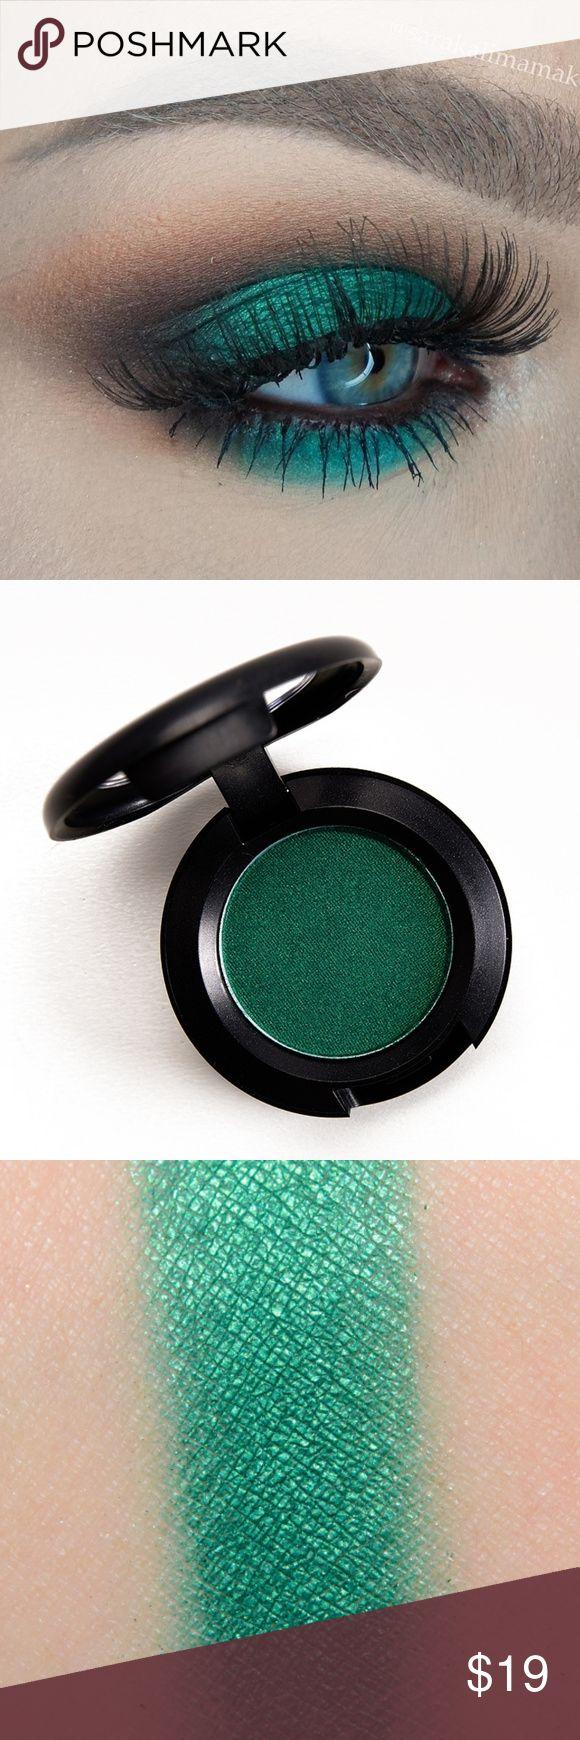 Last One Nib Mac New Crop Frost Eye Shadow Eyeshadow Green Cosmetics Makeup Cosmetics